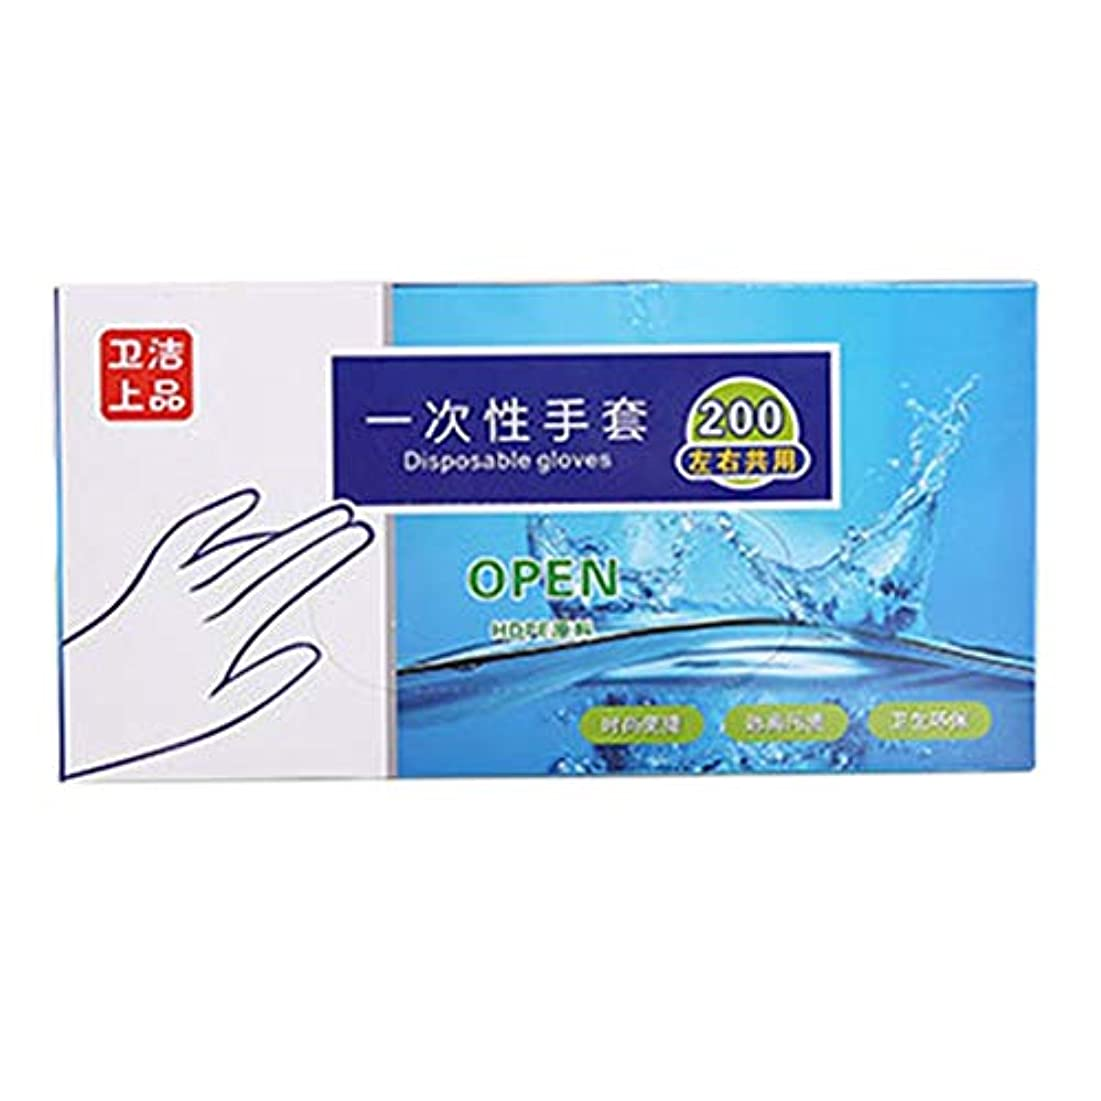 地殻ビジョン切り下げMoresave 200枚 使い捨て手袋 使いきり手袋 キッチン 掃除用具 防水防油 透明 厚手